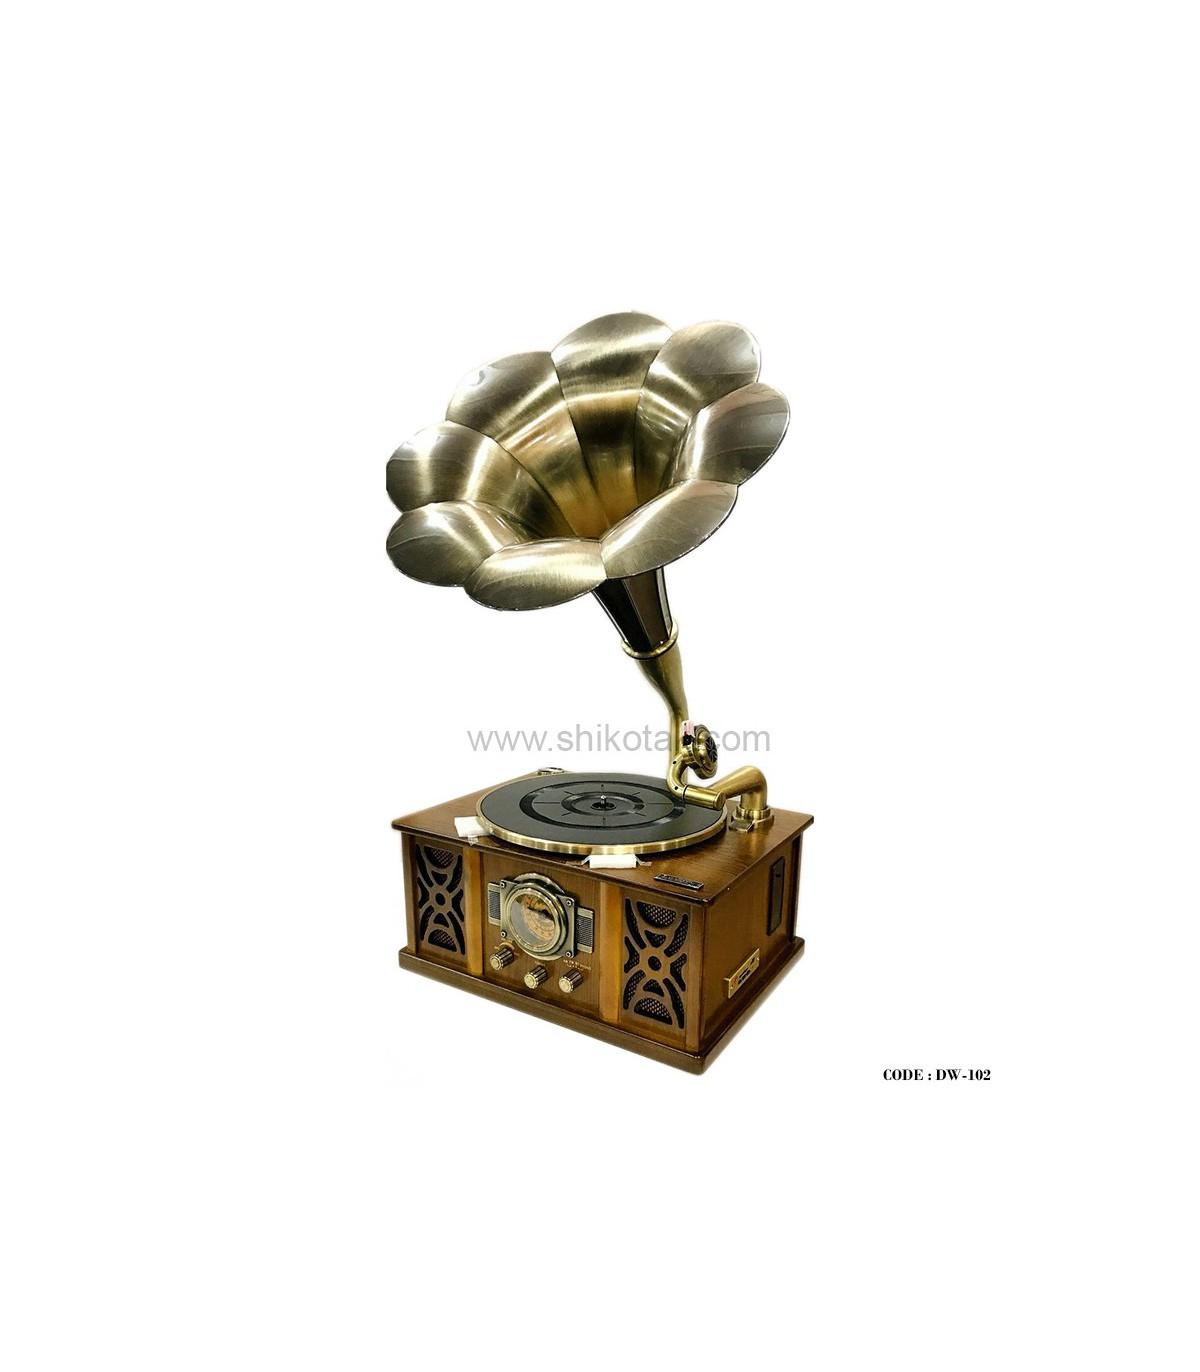 گرامافون رومیزی مدل آدرین رنگ قهوه ای